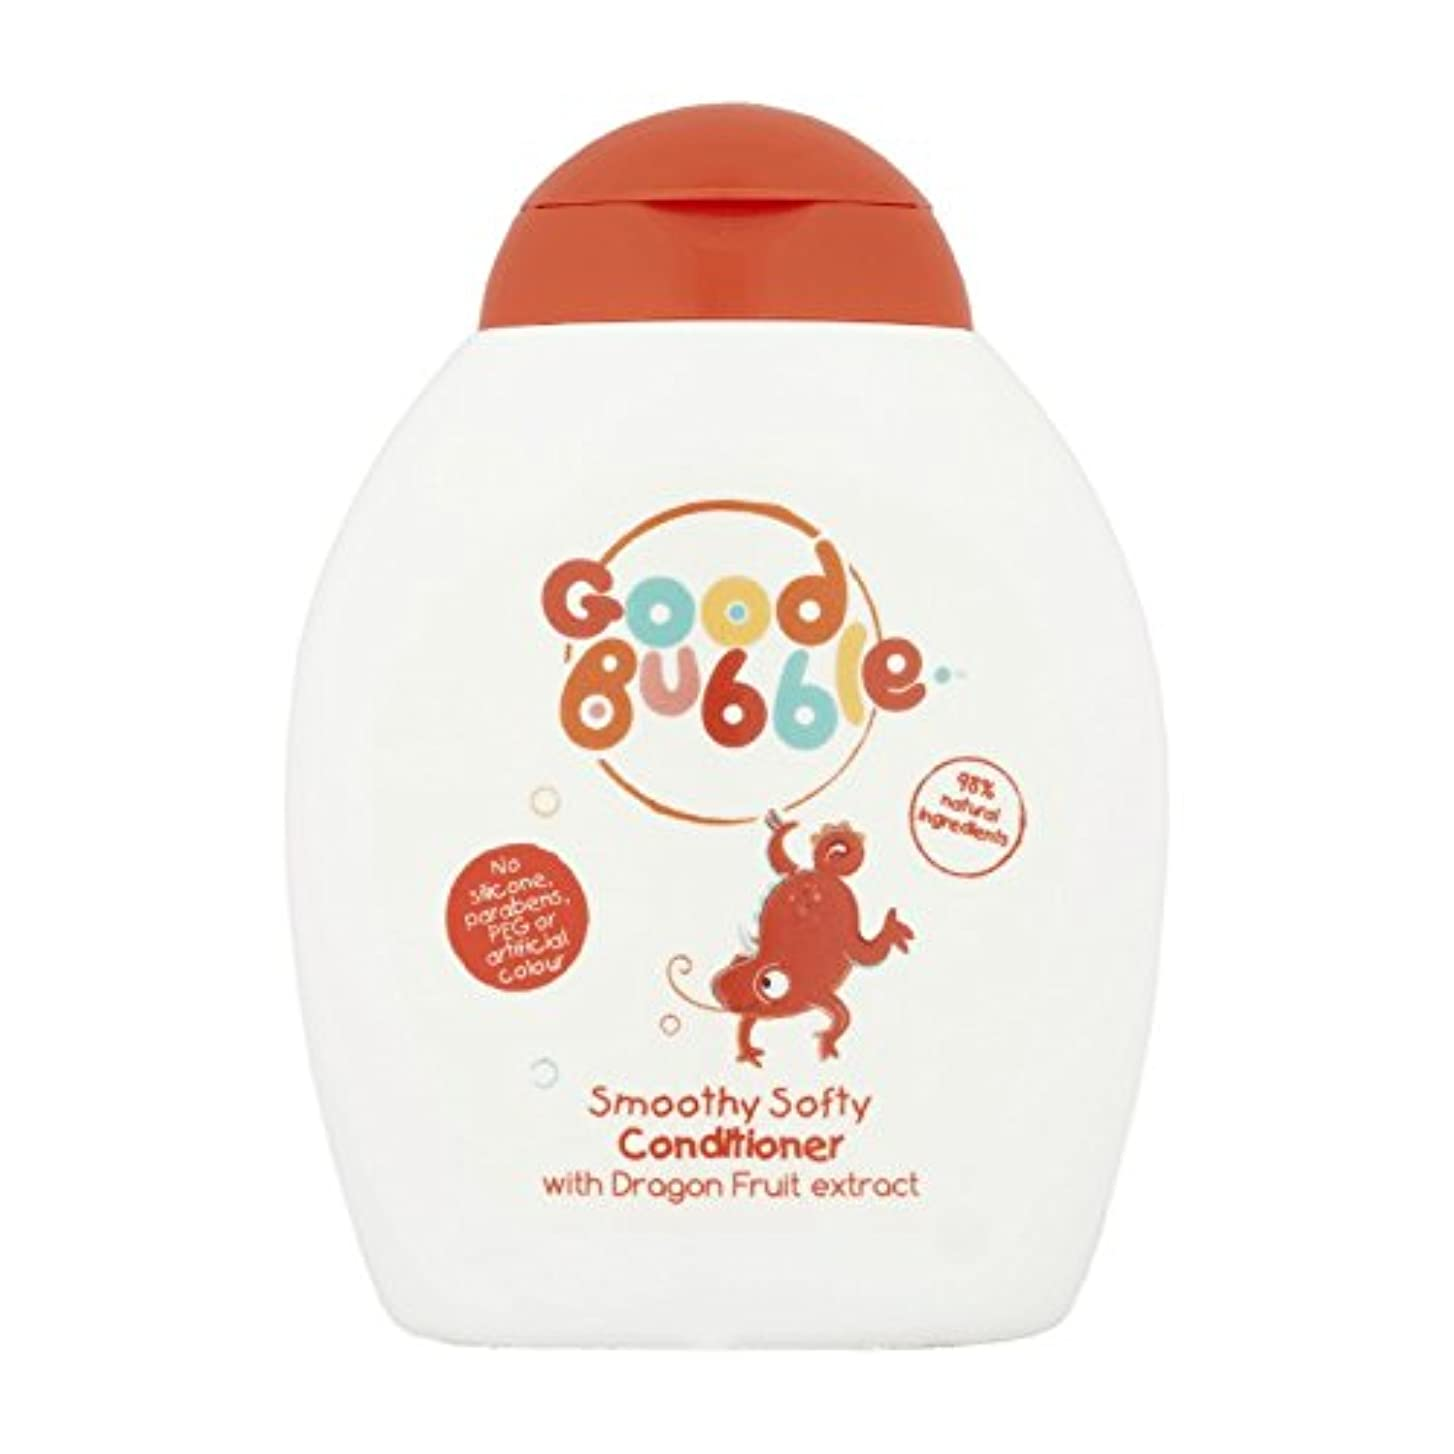 いま霧後良いバブルドラゴンフルーツコンディショナー250ミリリットル - Good Bubble Dragon Fruit Conditioner 250ml (Good Bubble) [並行輸入品]